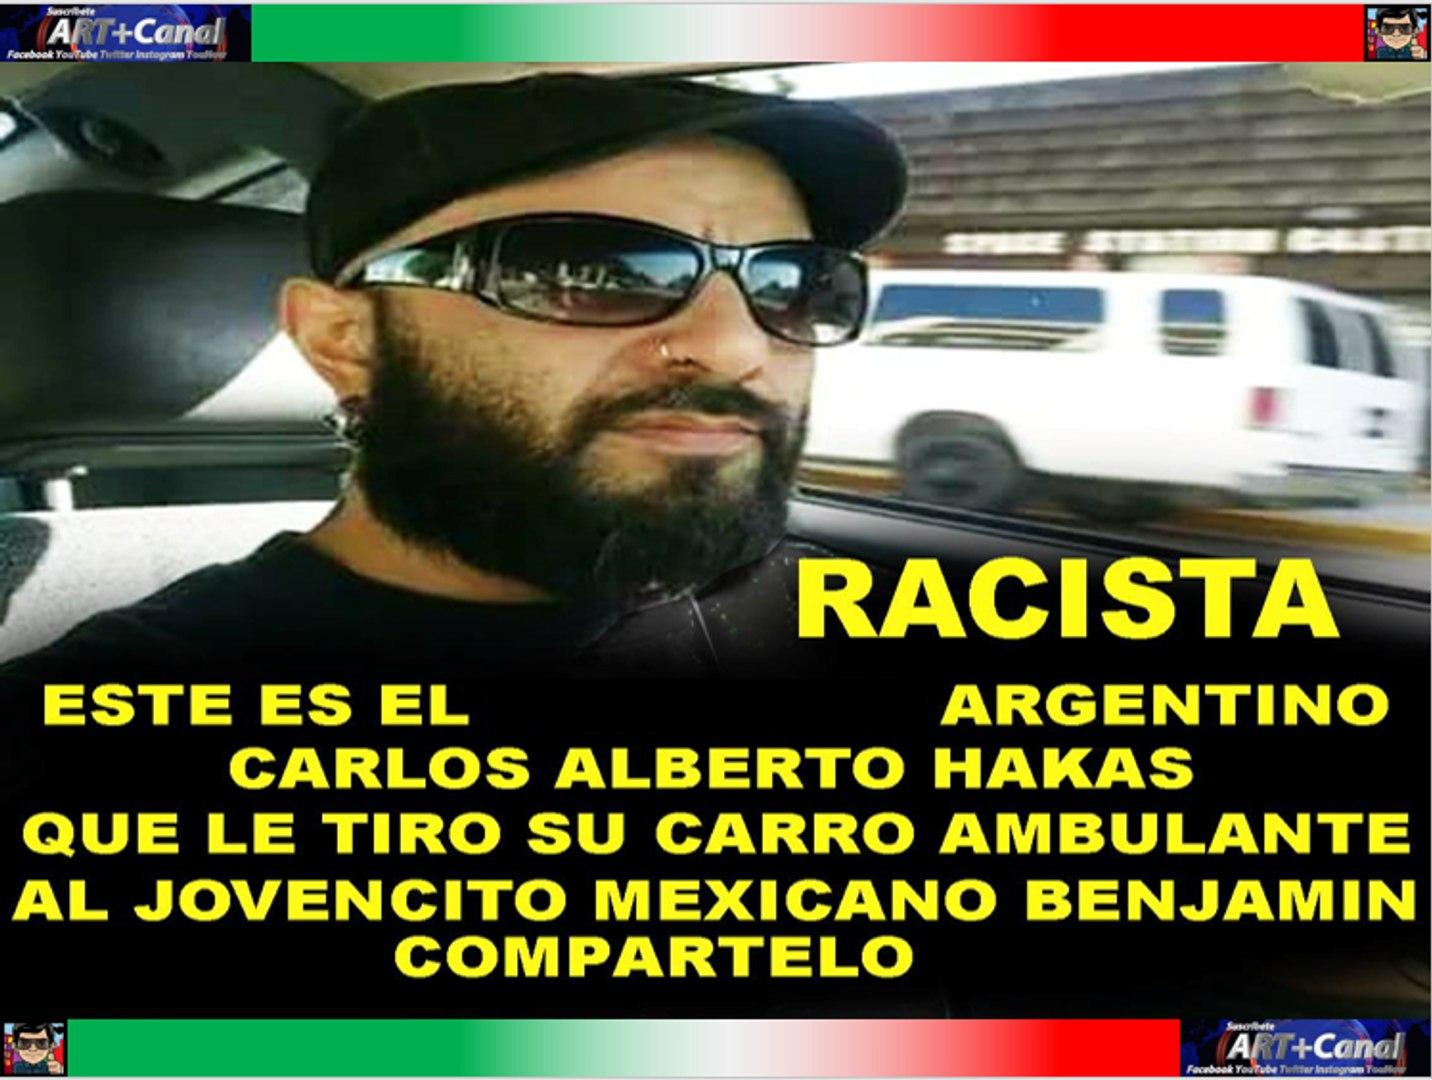 Este es el Argentino que enfurece y le tira su puesto de comida a mexicano porque obstruia su paso